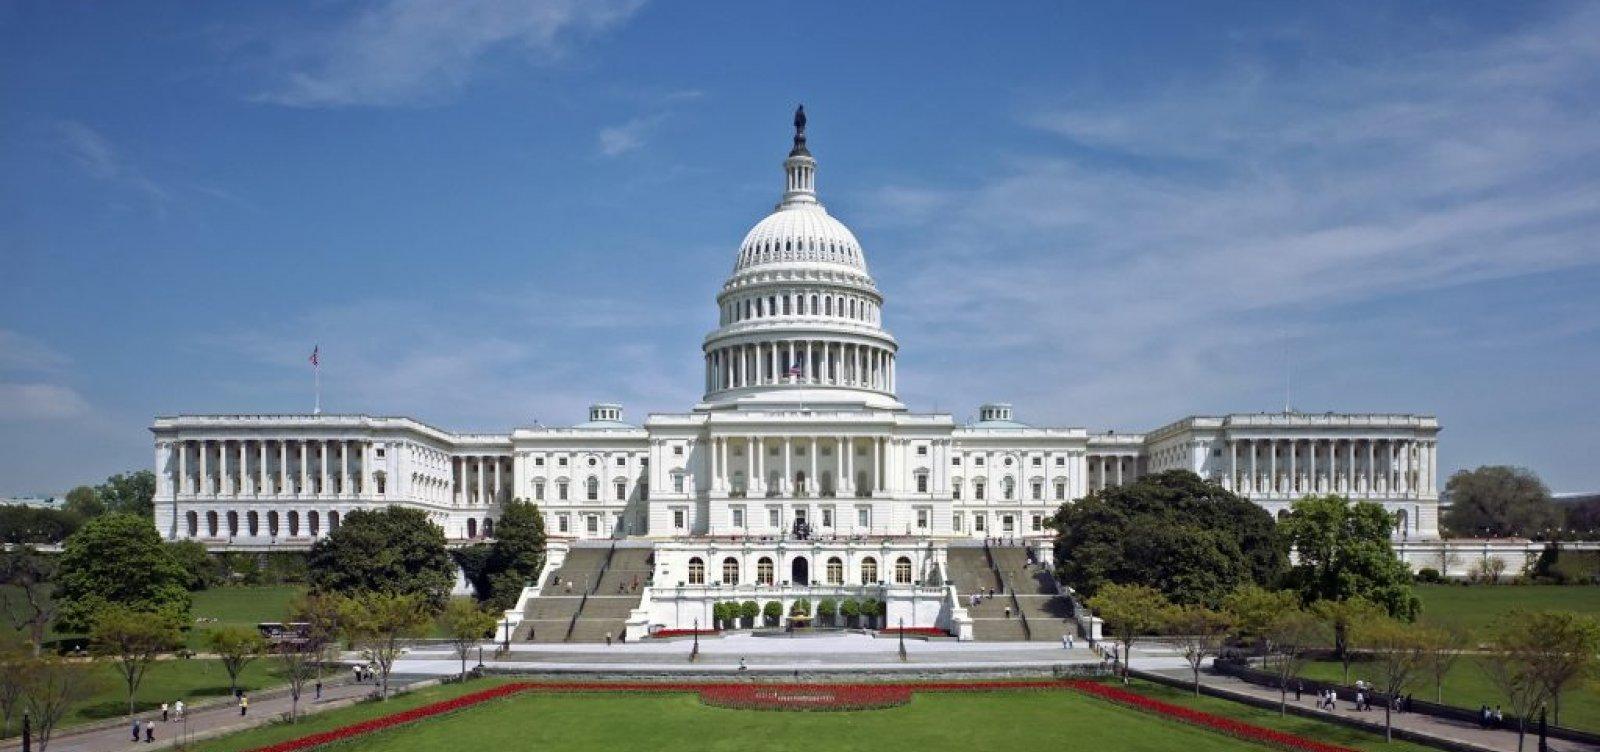 [Congresso dos EUA é fechado após invasão de apoiadores de Trump ]